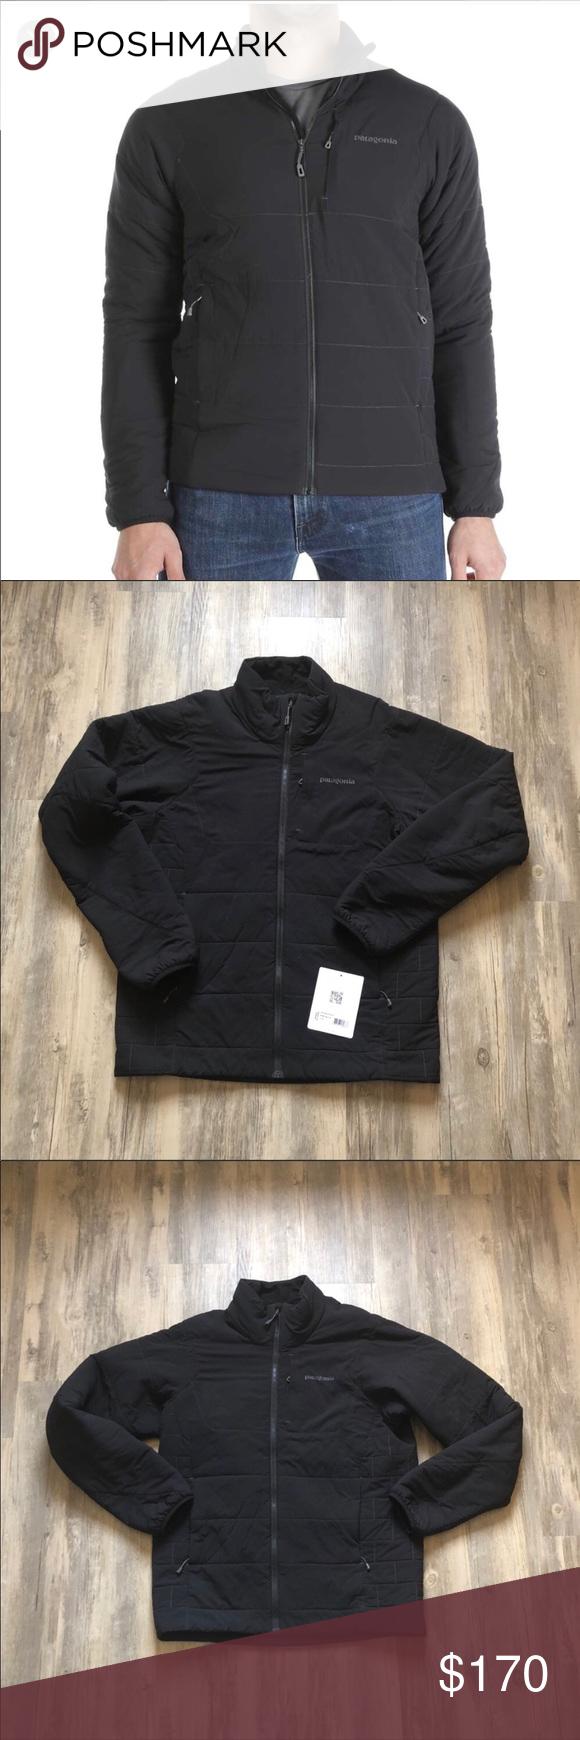 Patagonia Men's NanoAir Jacket Black Size Medium